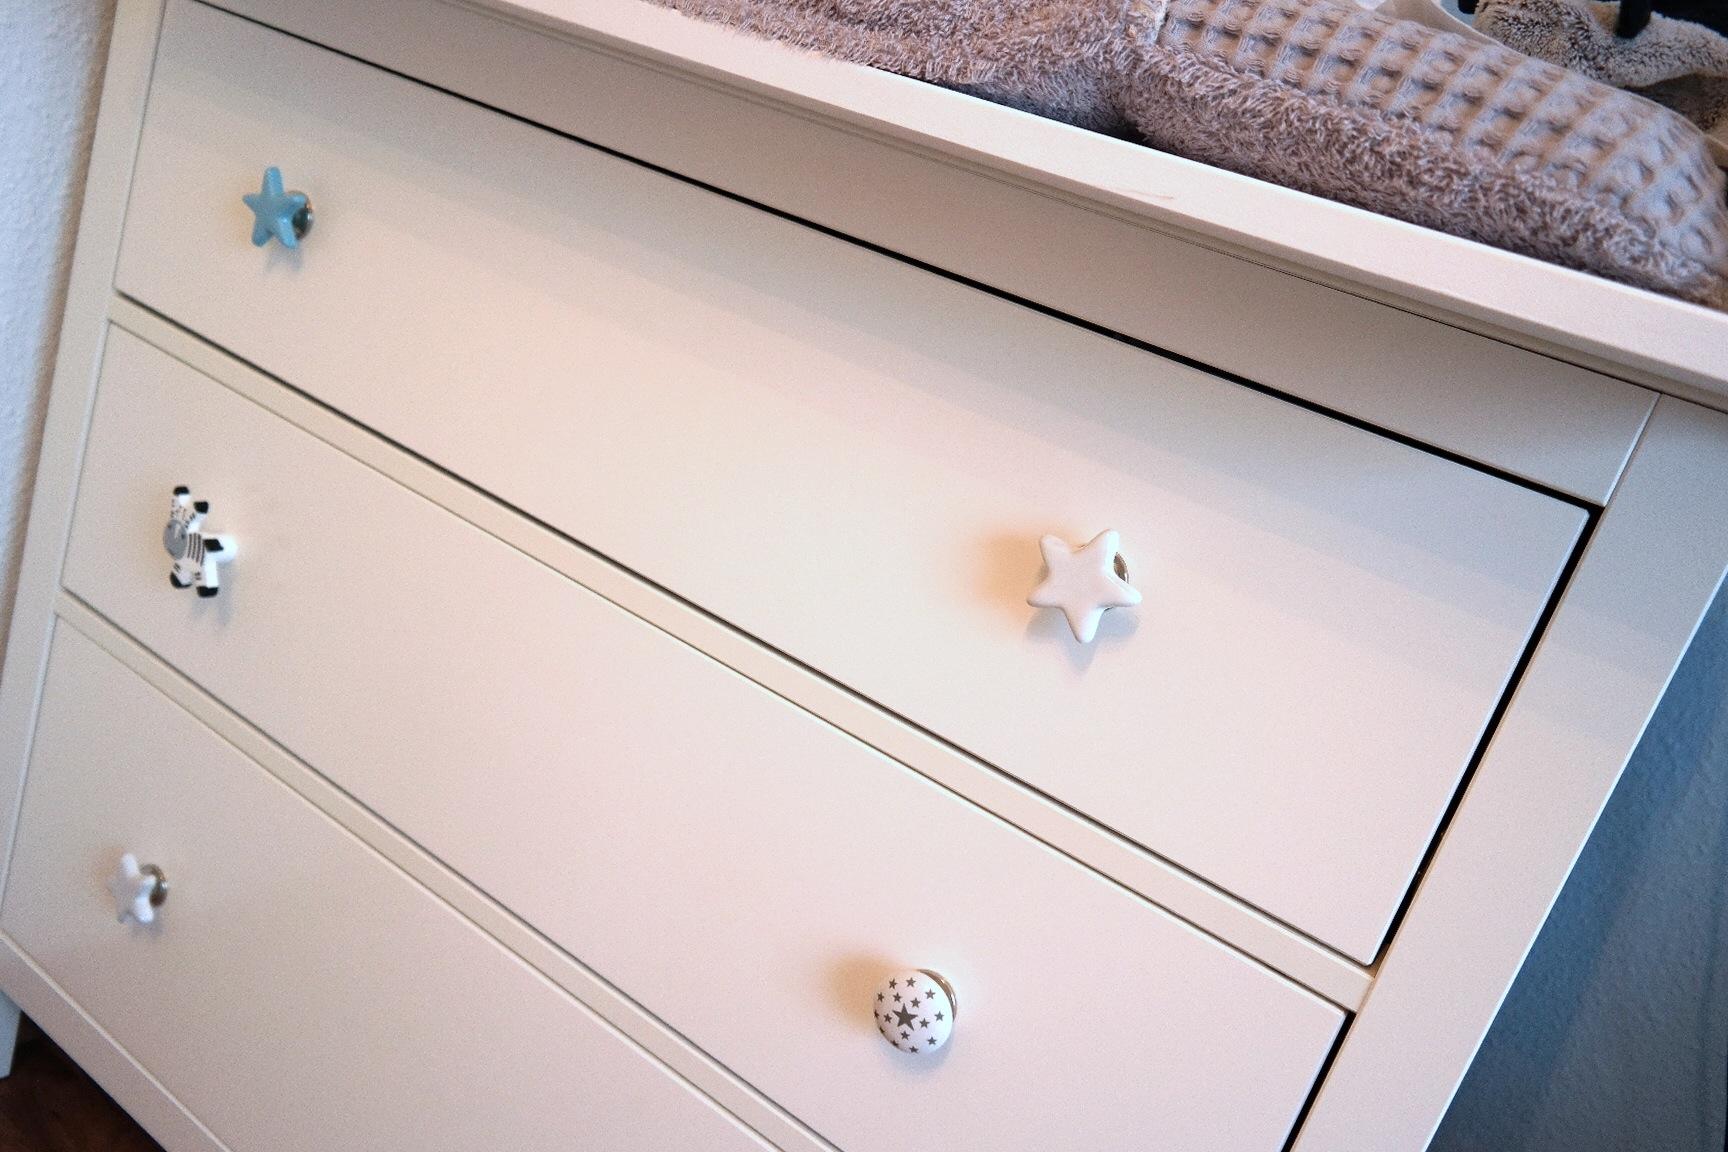 ikea hemnes wickelauflage erstaustattung babyzimemmer kinderzimmer shoppingliste einkaufsliste. Black Bedroom Furniture Sets. Home Design Ideas